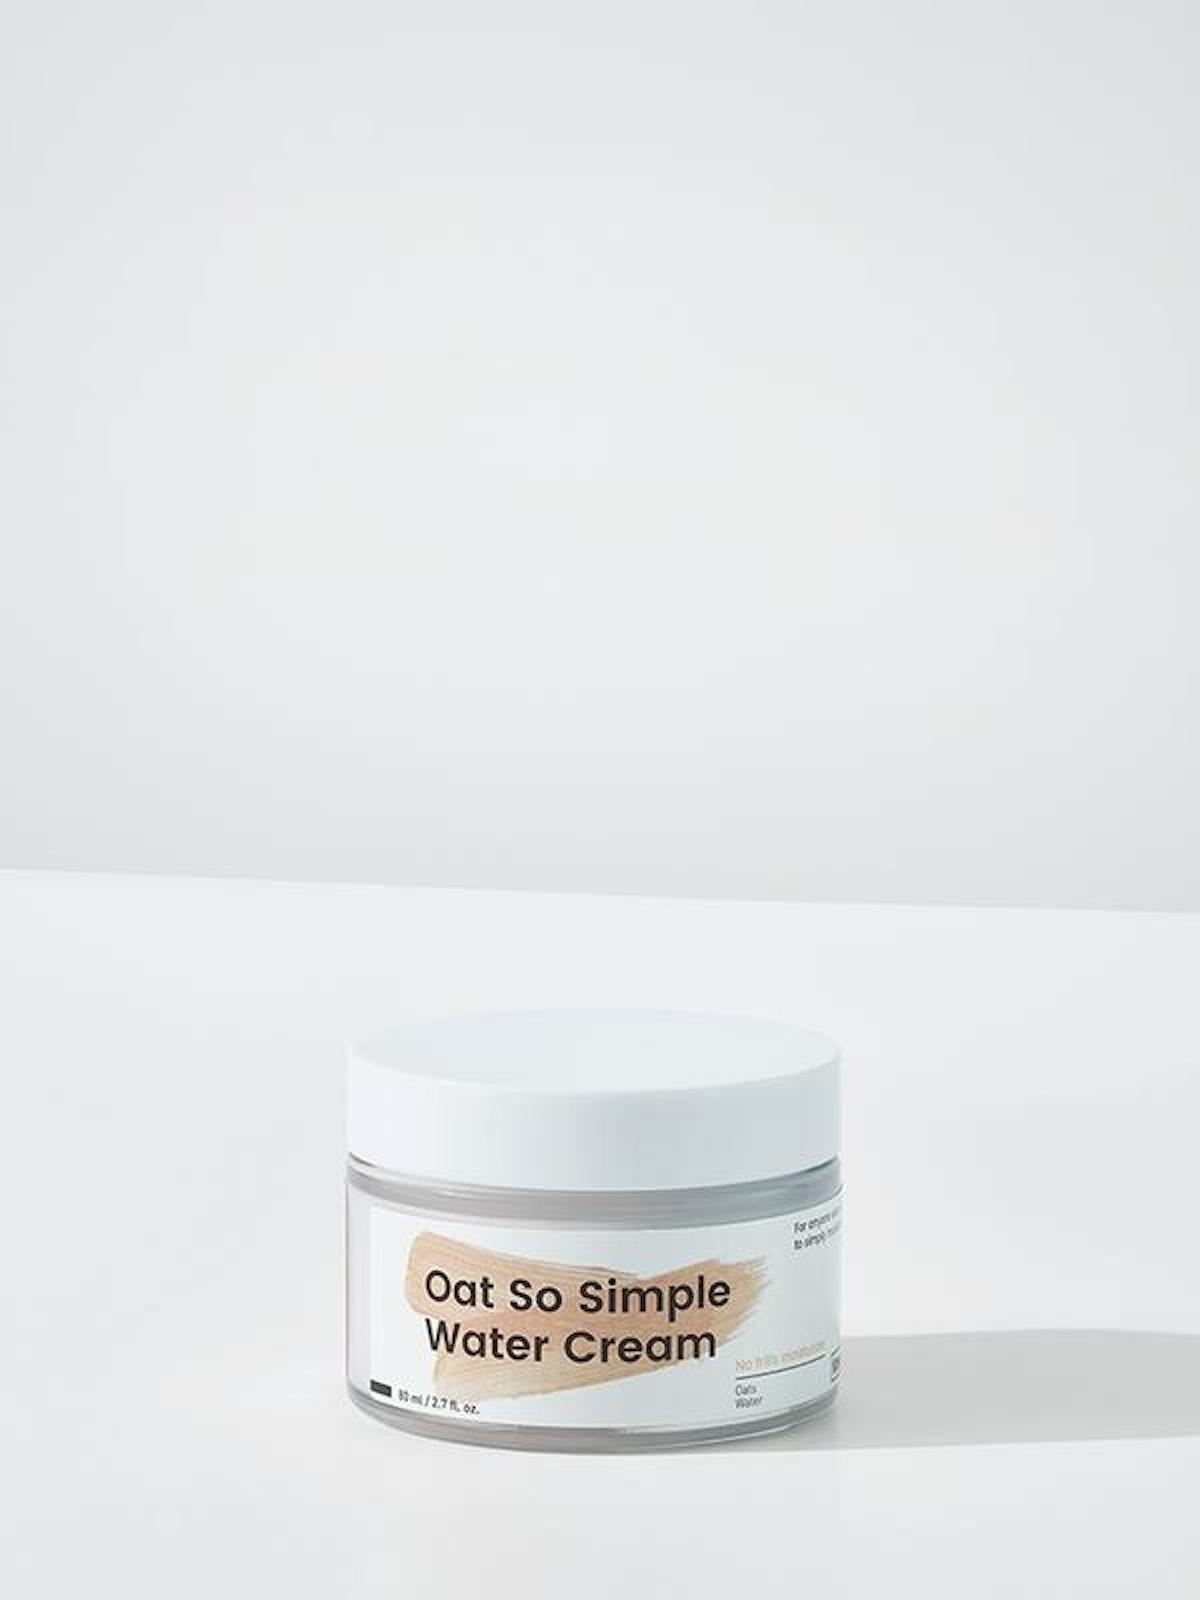 KraveBeauty Oat So Simple Water Cream